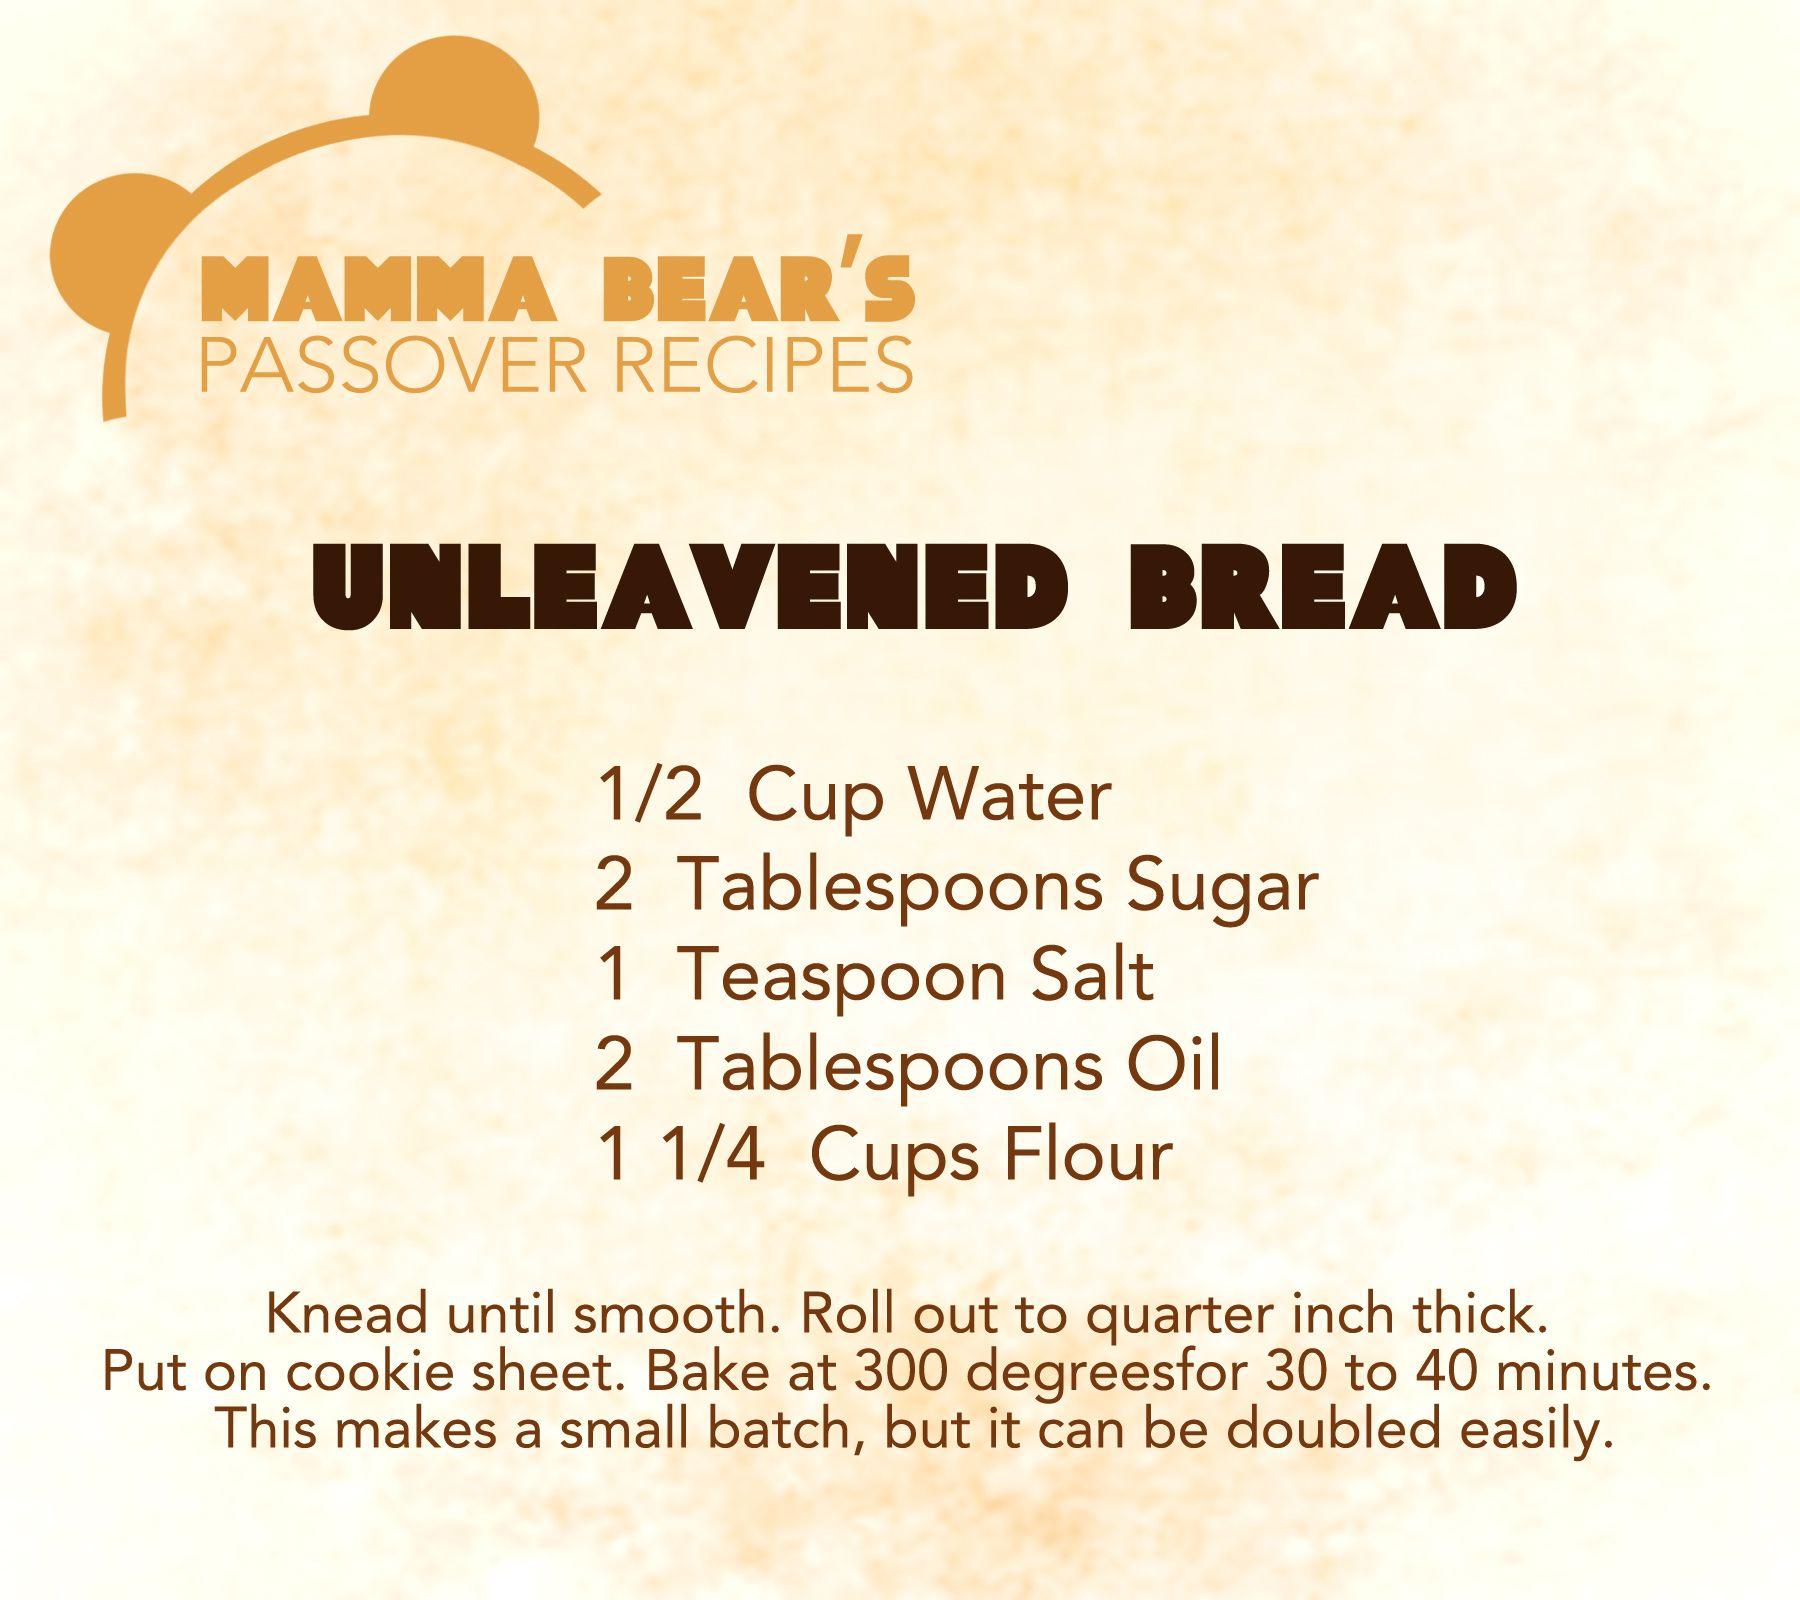 Passover Feast Of Unleavened Bread Recipe Unleavened Bread 1